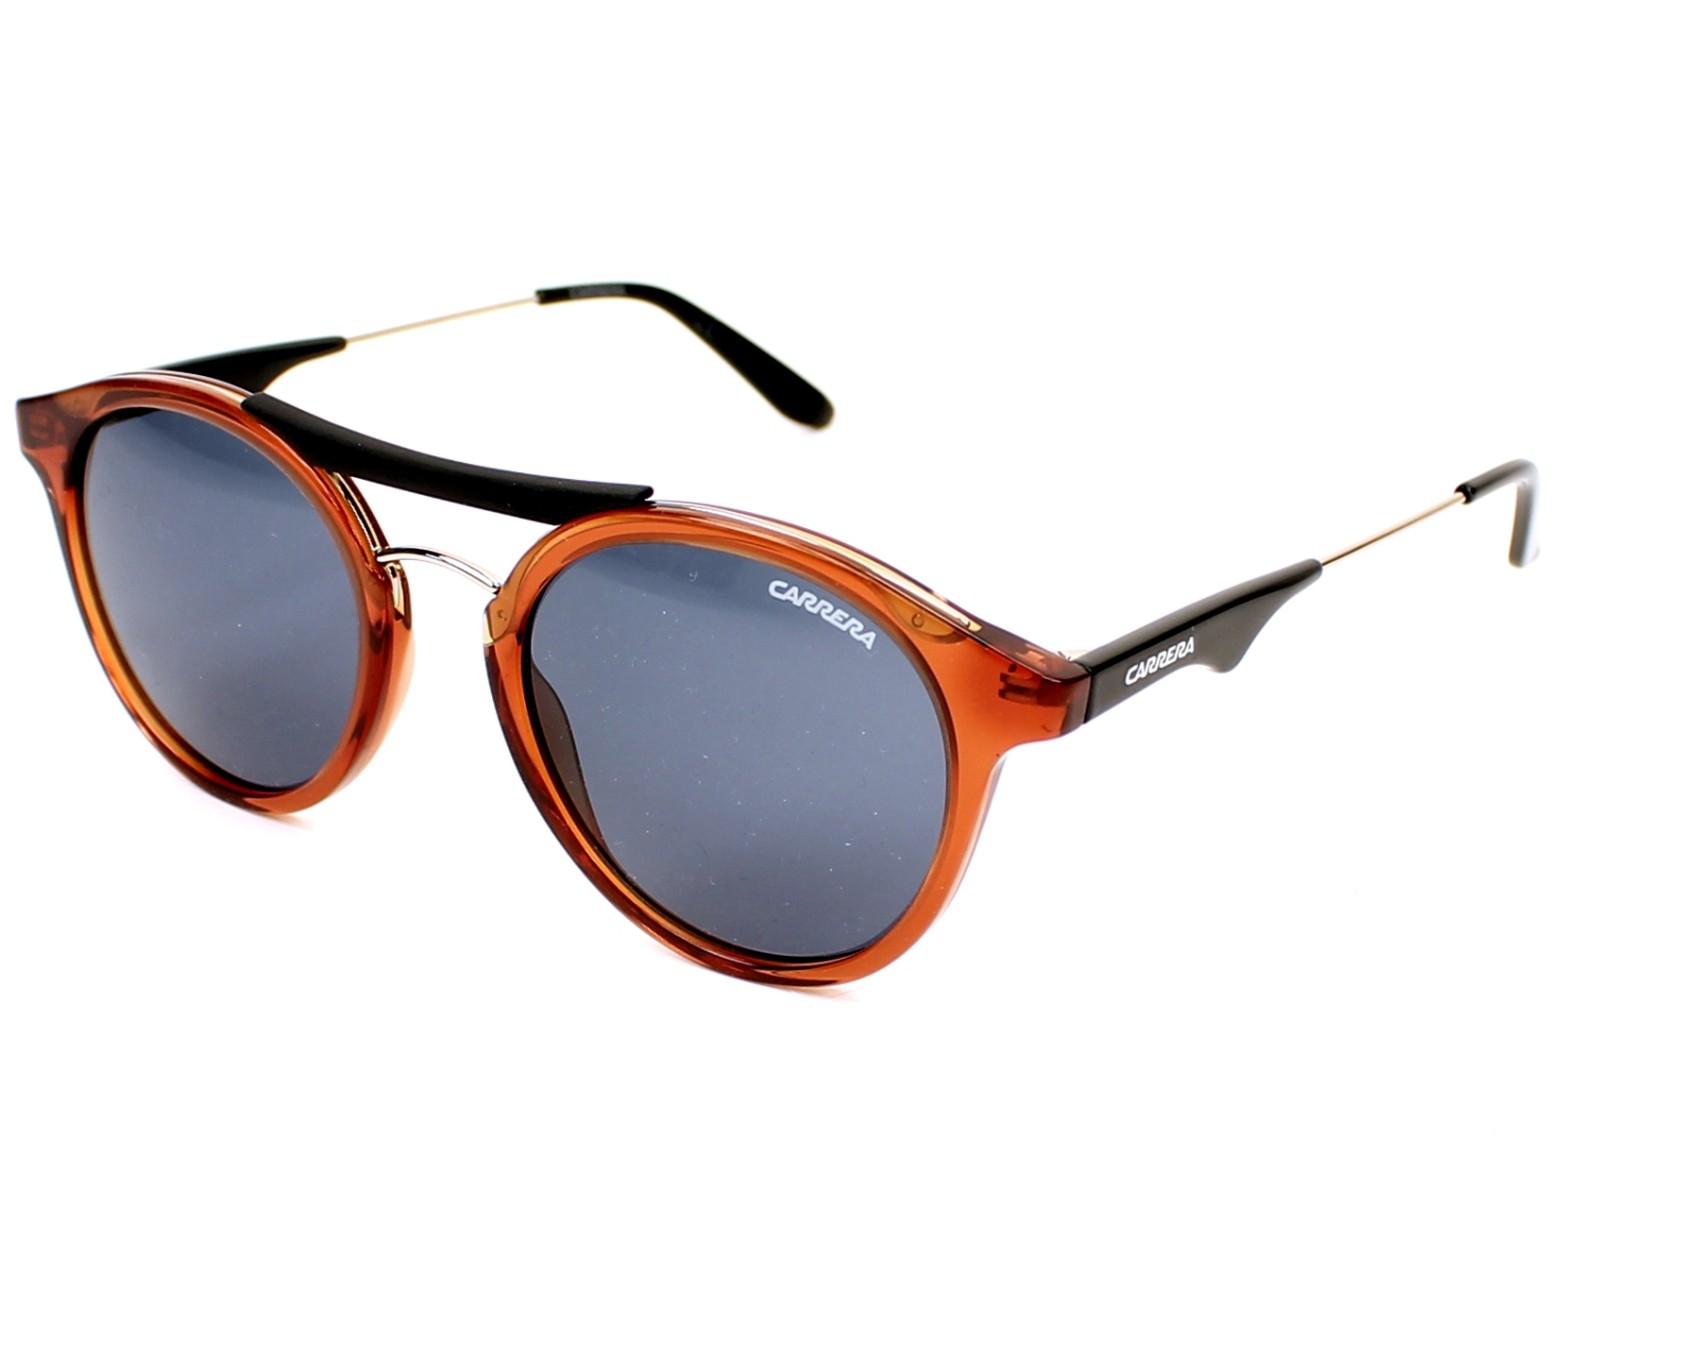 f41facb20aa8 Sunglasses Carrera Carrera-6008 TJF NL 50-21 Brown Black profile view